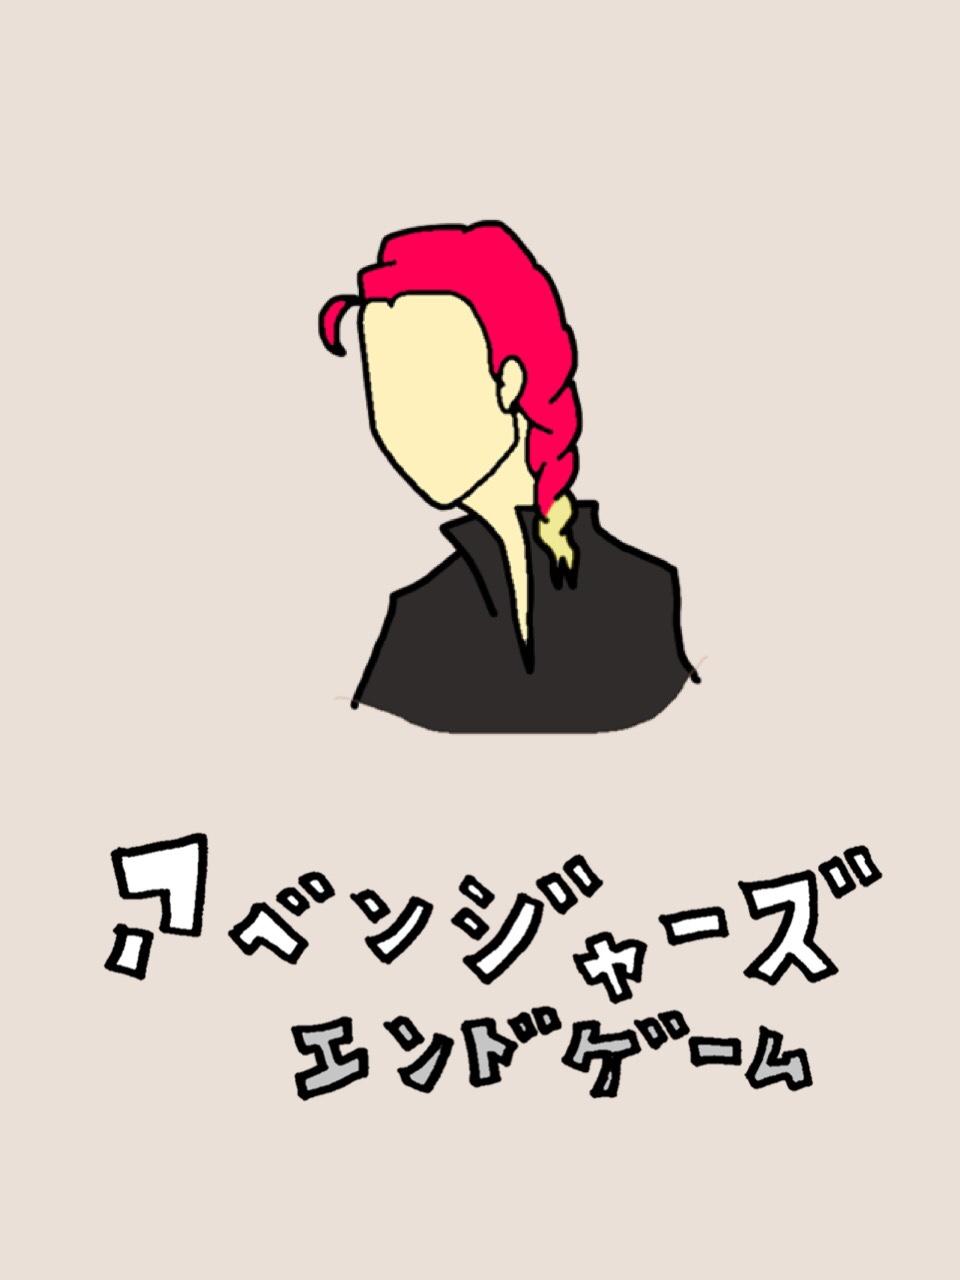 ブラック・ウィドウ「アベンジャーズ/エンドゲーム」